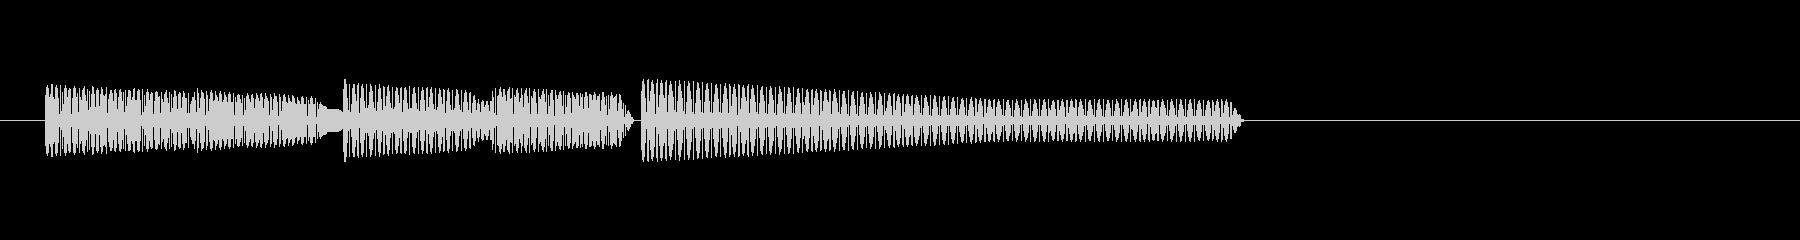 レトロゲーム・和風のジングル3の未再生の波形